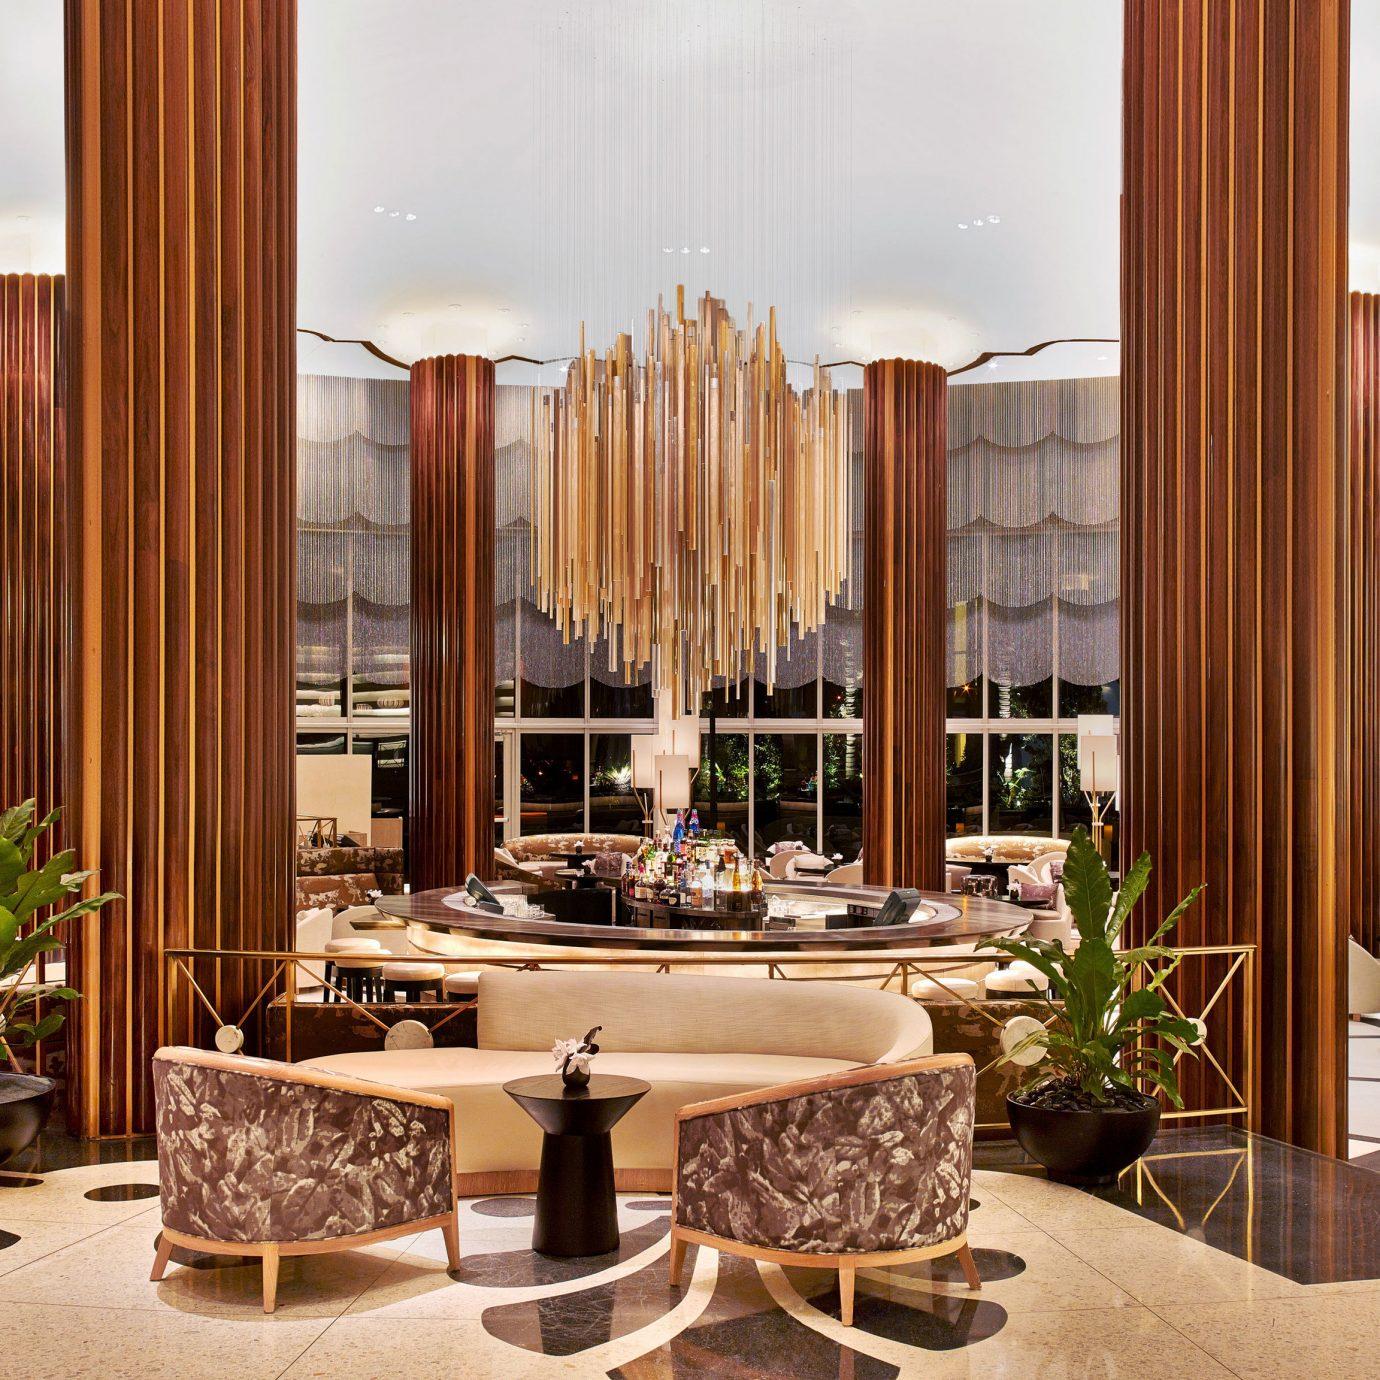 Lobby living room home Suite condominium set